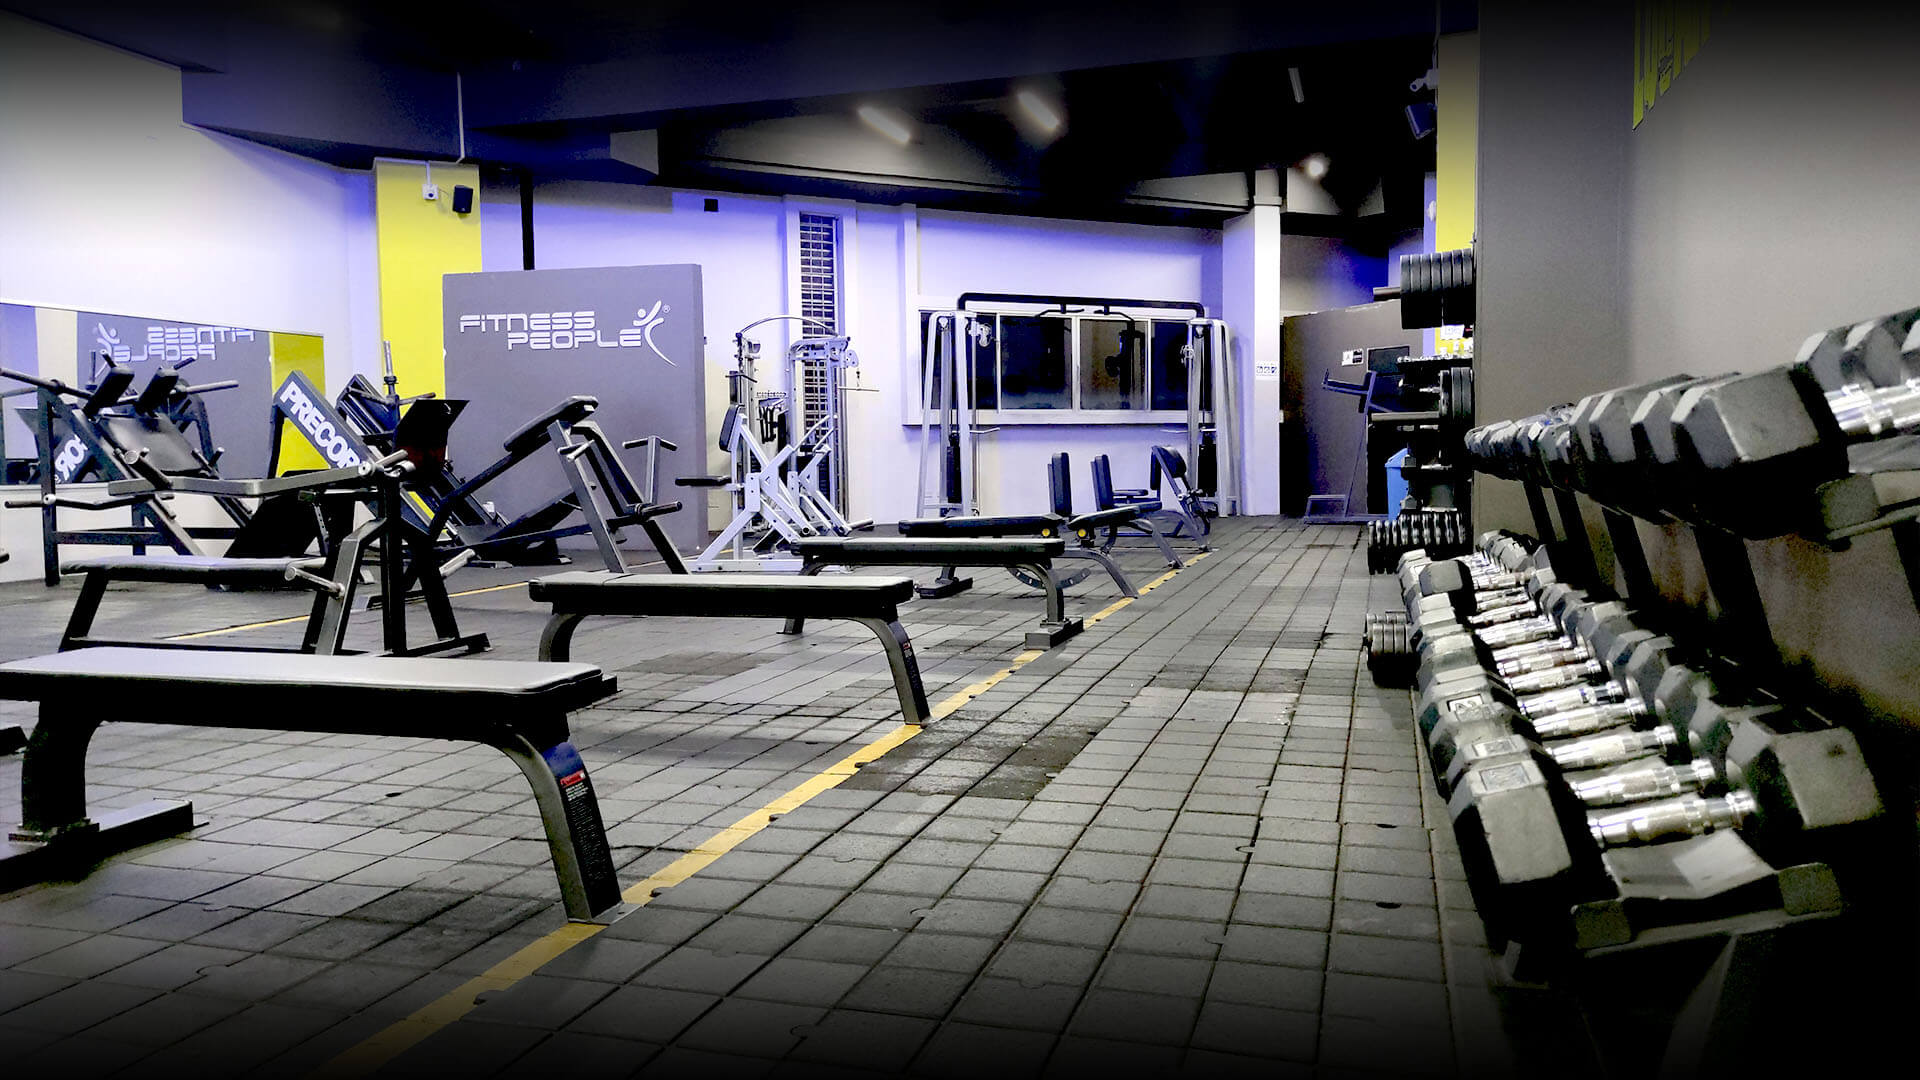 bulevar-sede-fitness-people-04